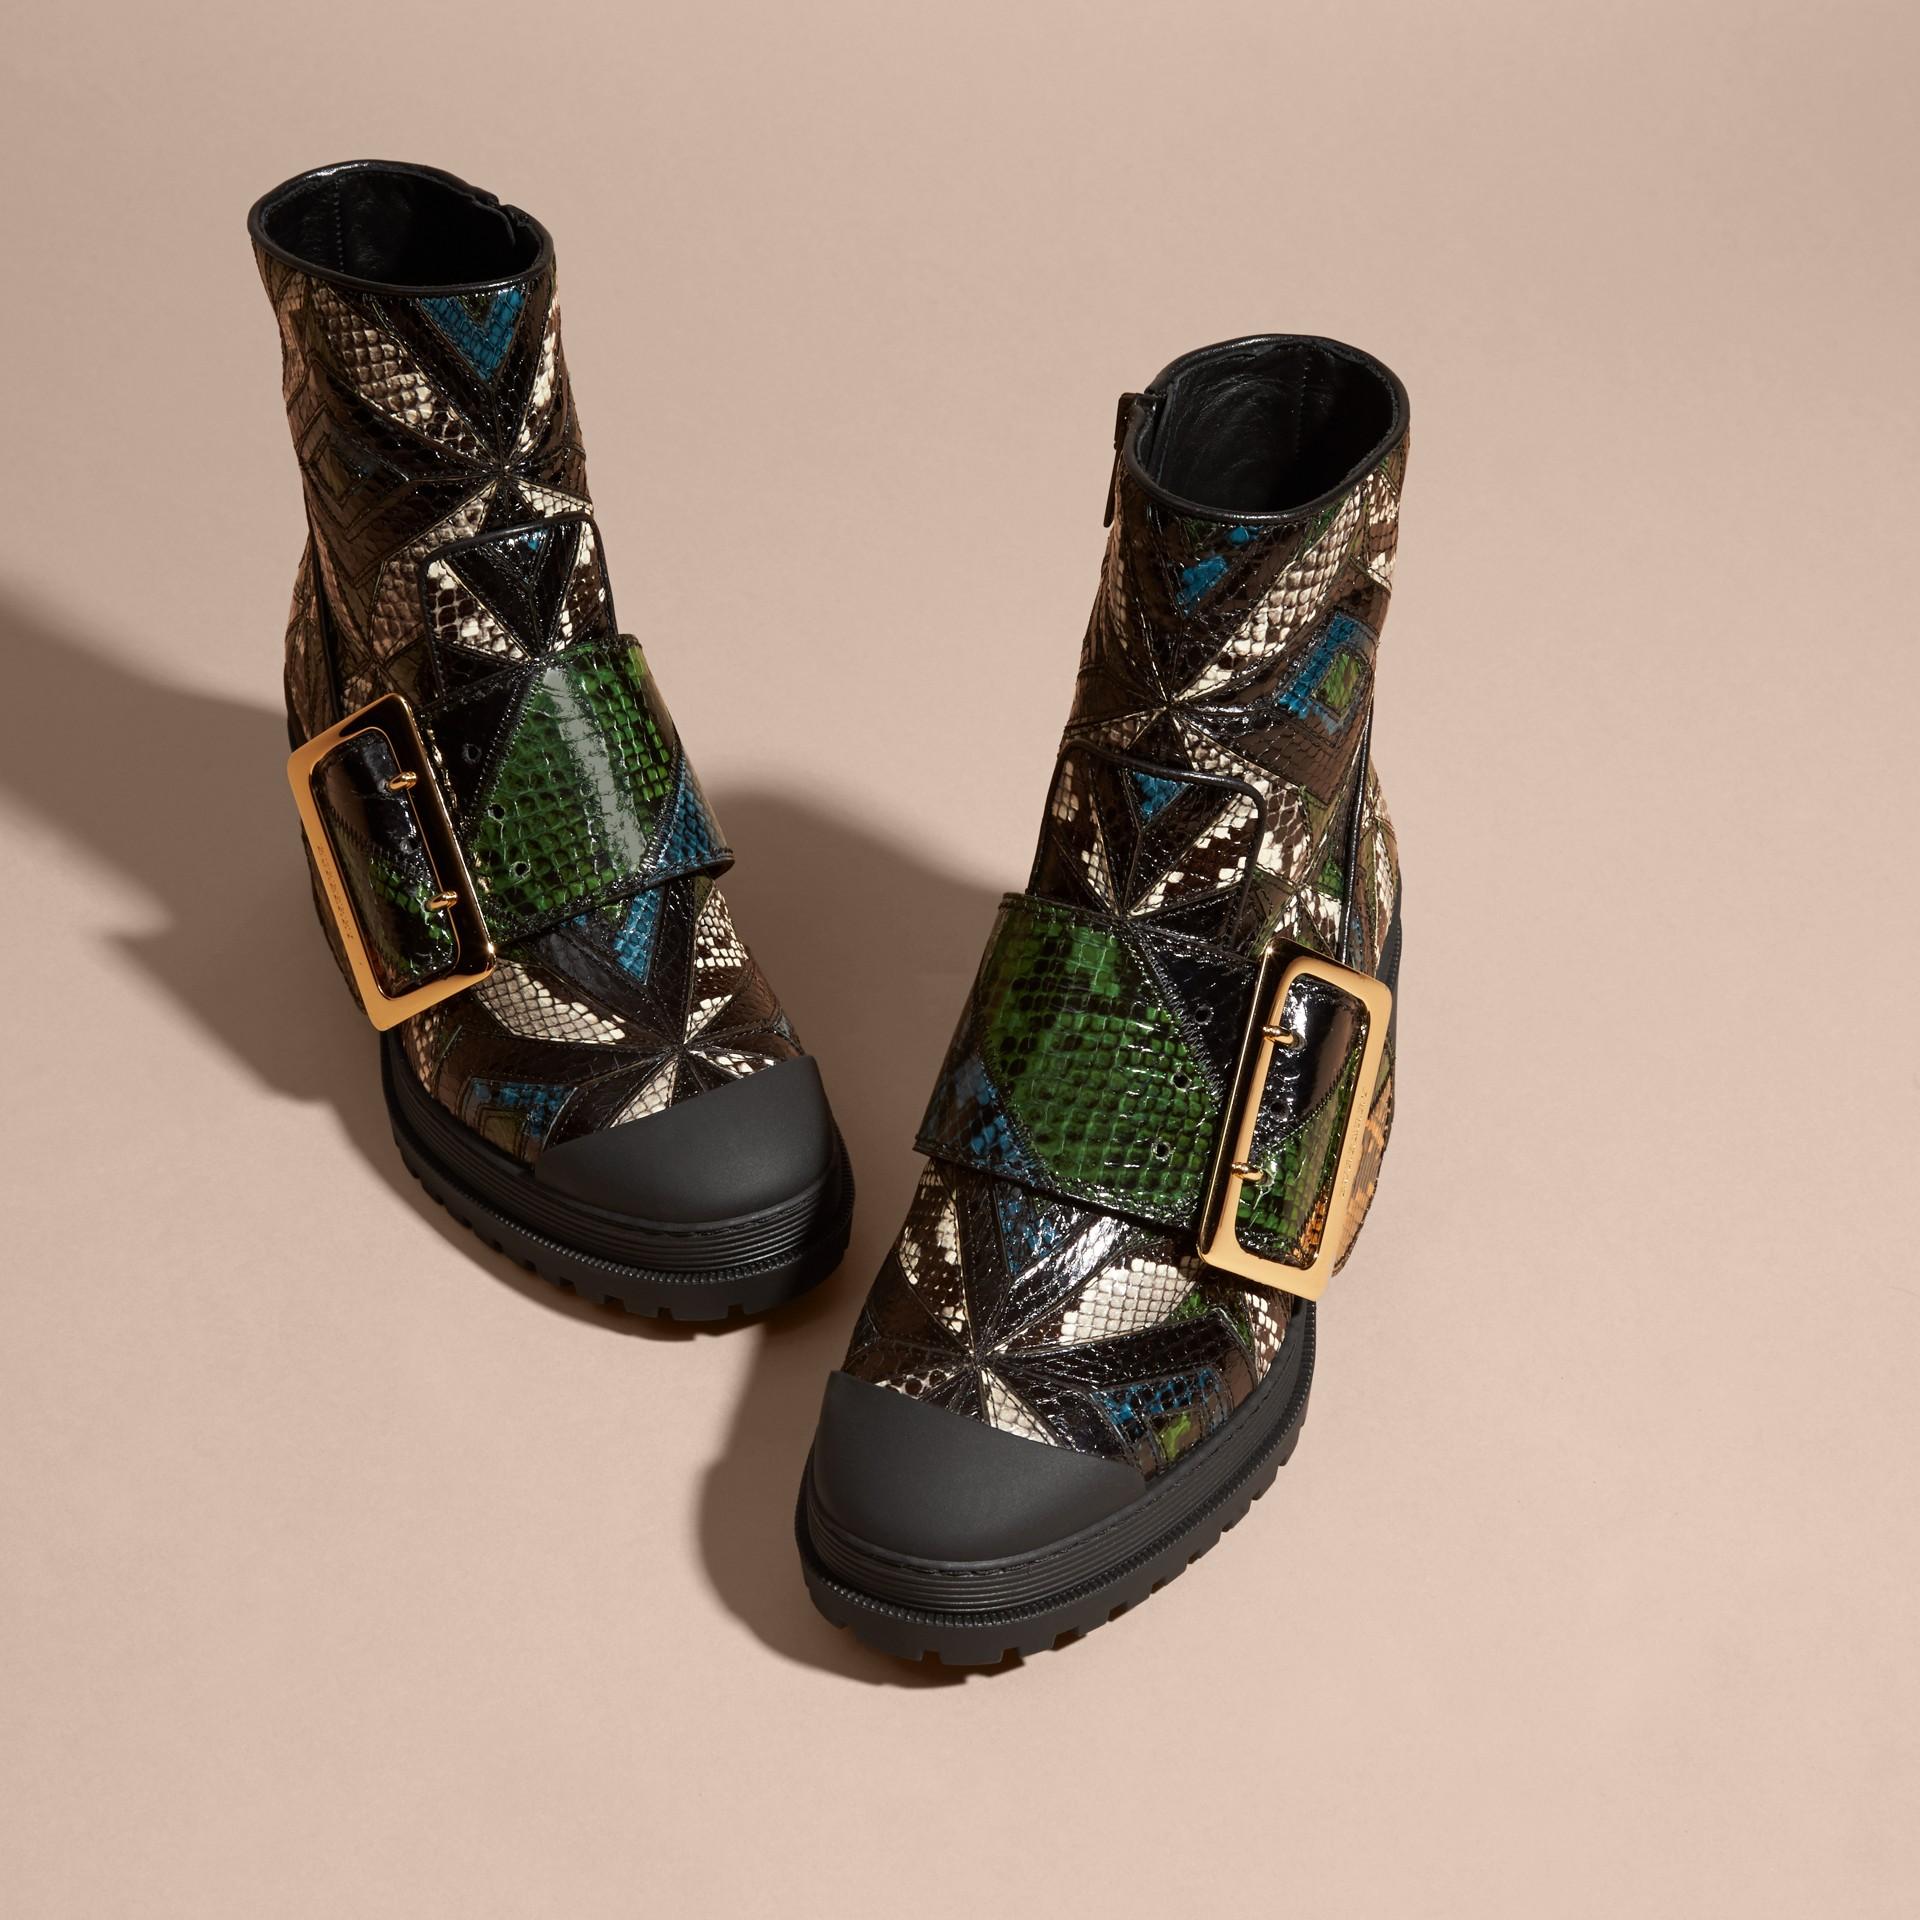 Nero/blu minerale Stivali The Buckle in pelle di serpente - immagine della galleria 3